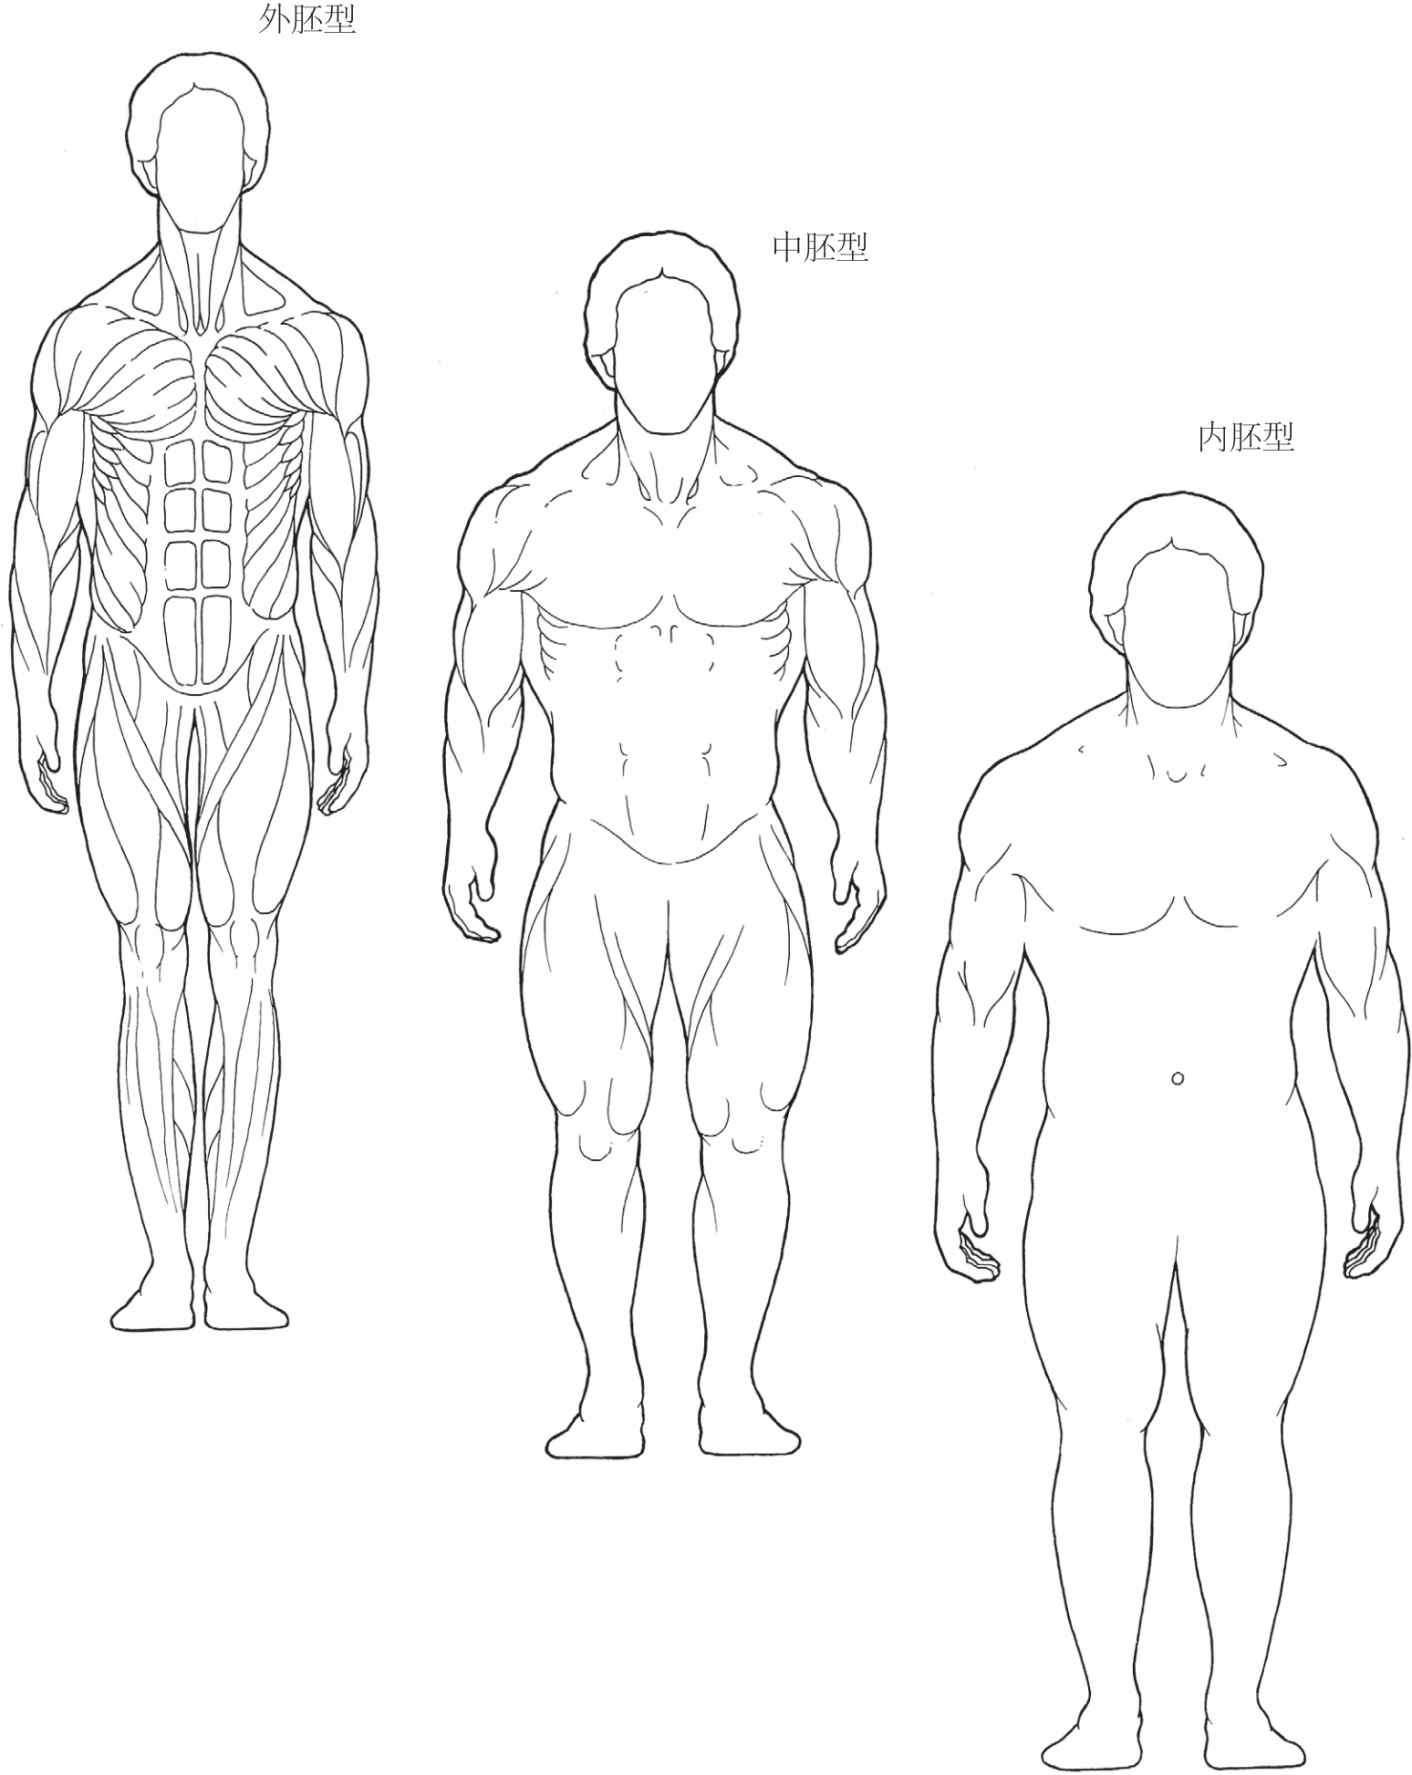 体型分类(somatotype)